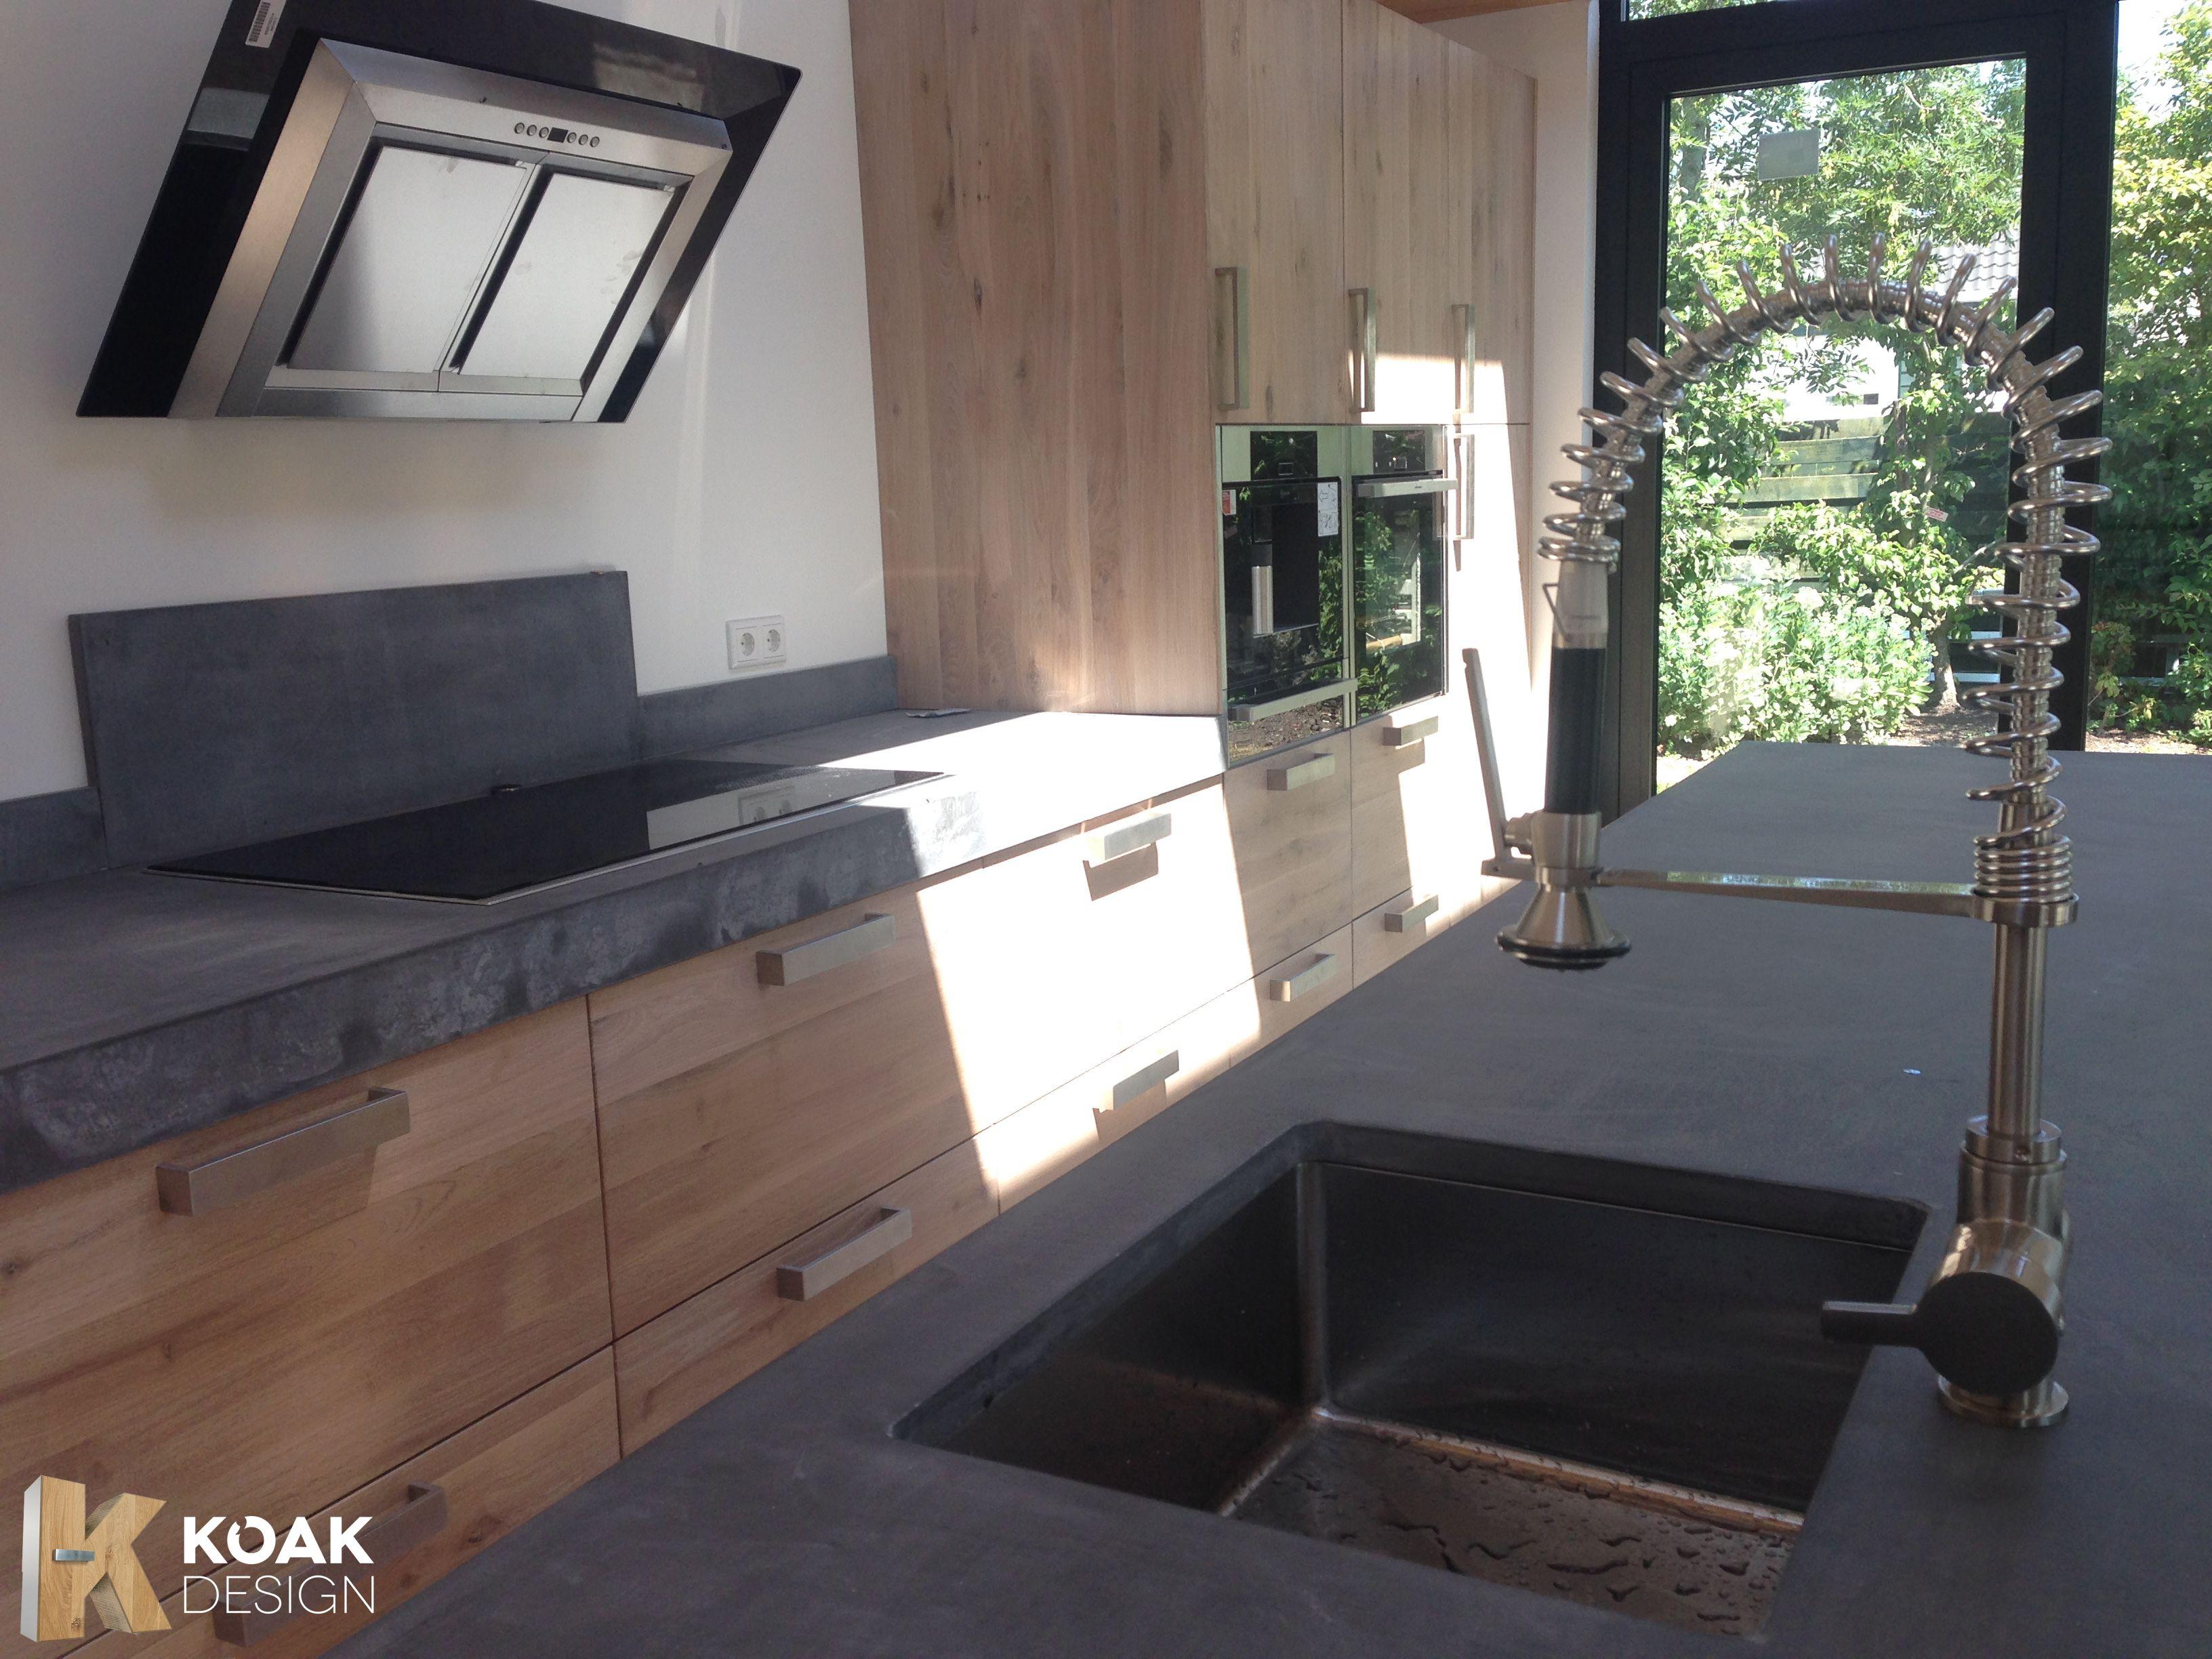 www.koakdesign.com KOAK DESIGN IKEA KEUKEN Real Oak wooden doors ...